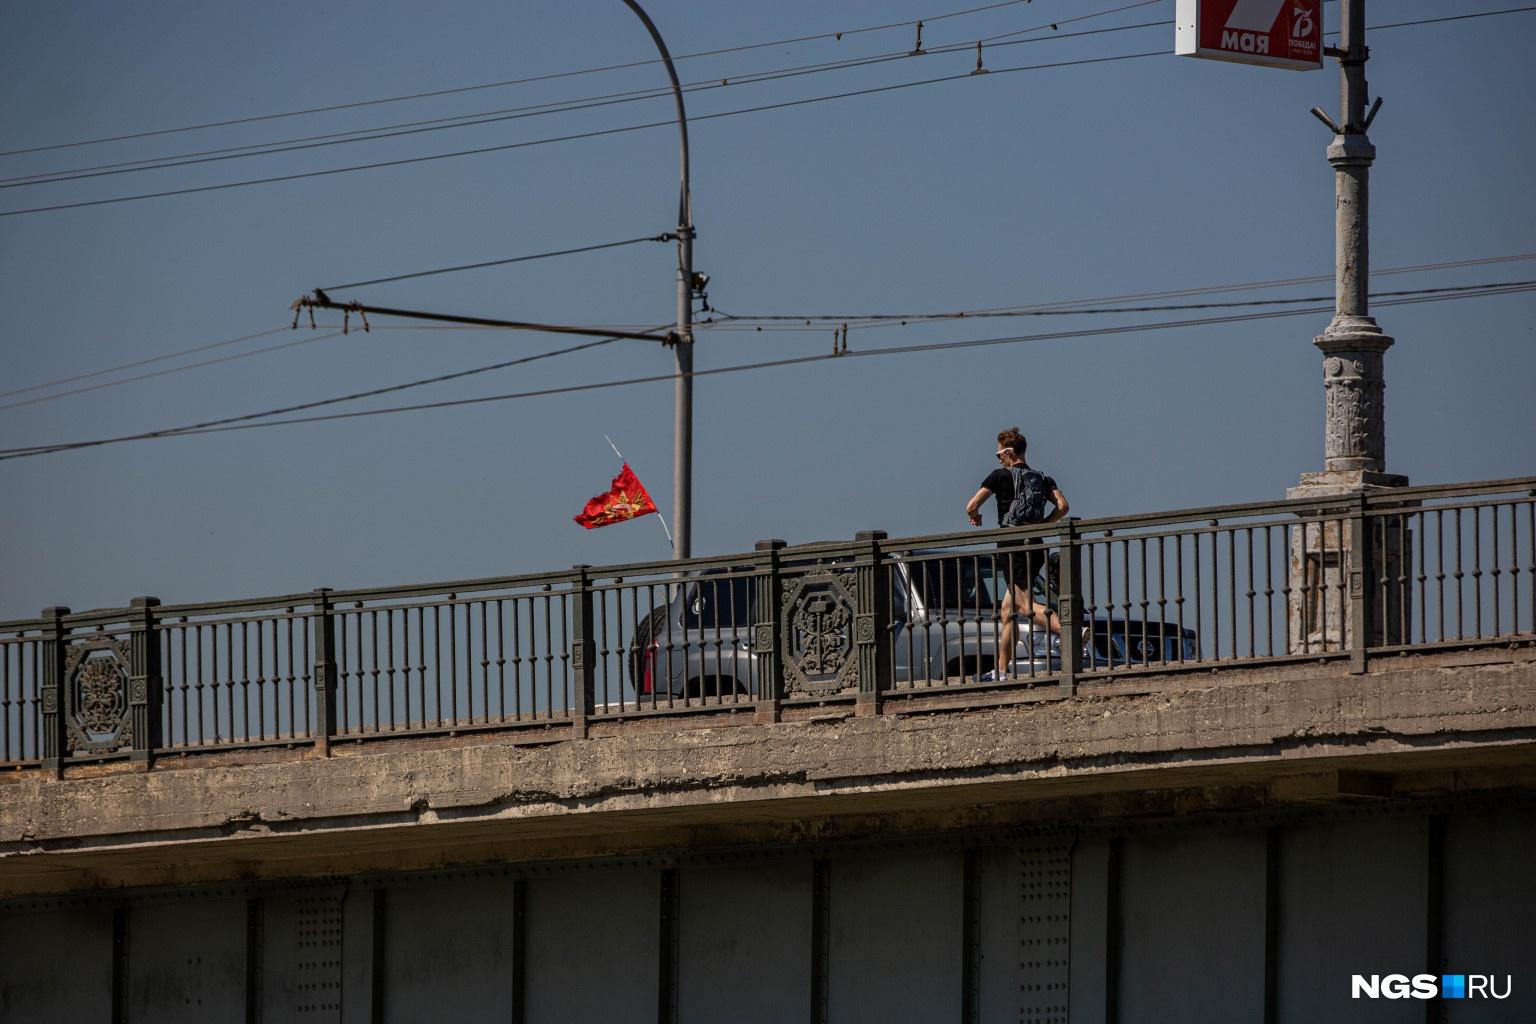 Выходные дни порадовали новосибирцев тёплой погодой — поэтому многие отправились гулять